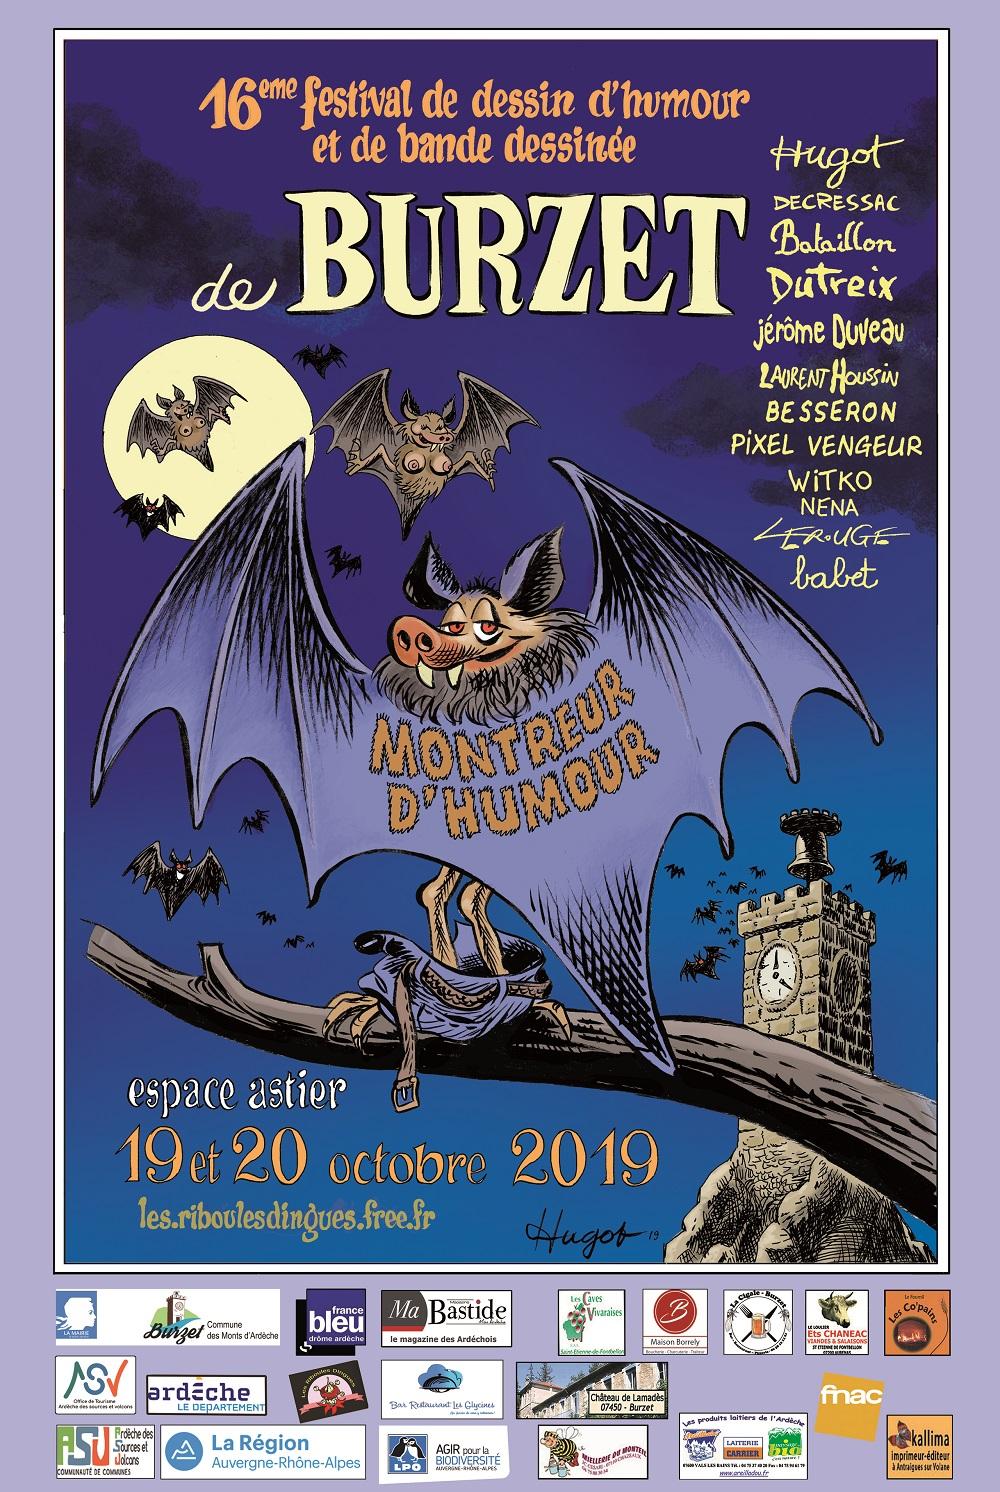 Festival De Bande Dessinee D Humour De Burzet 2019